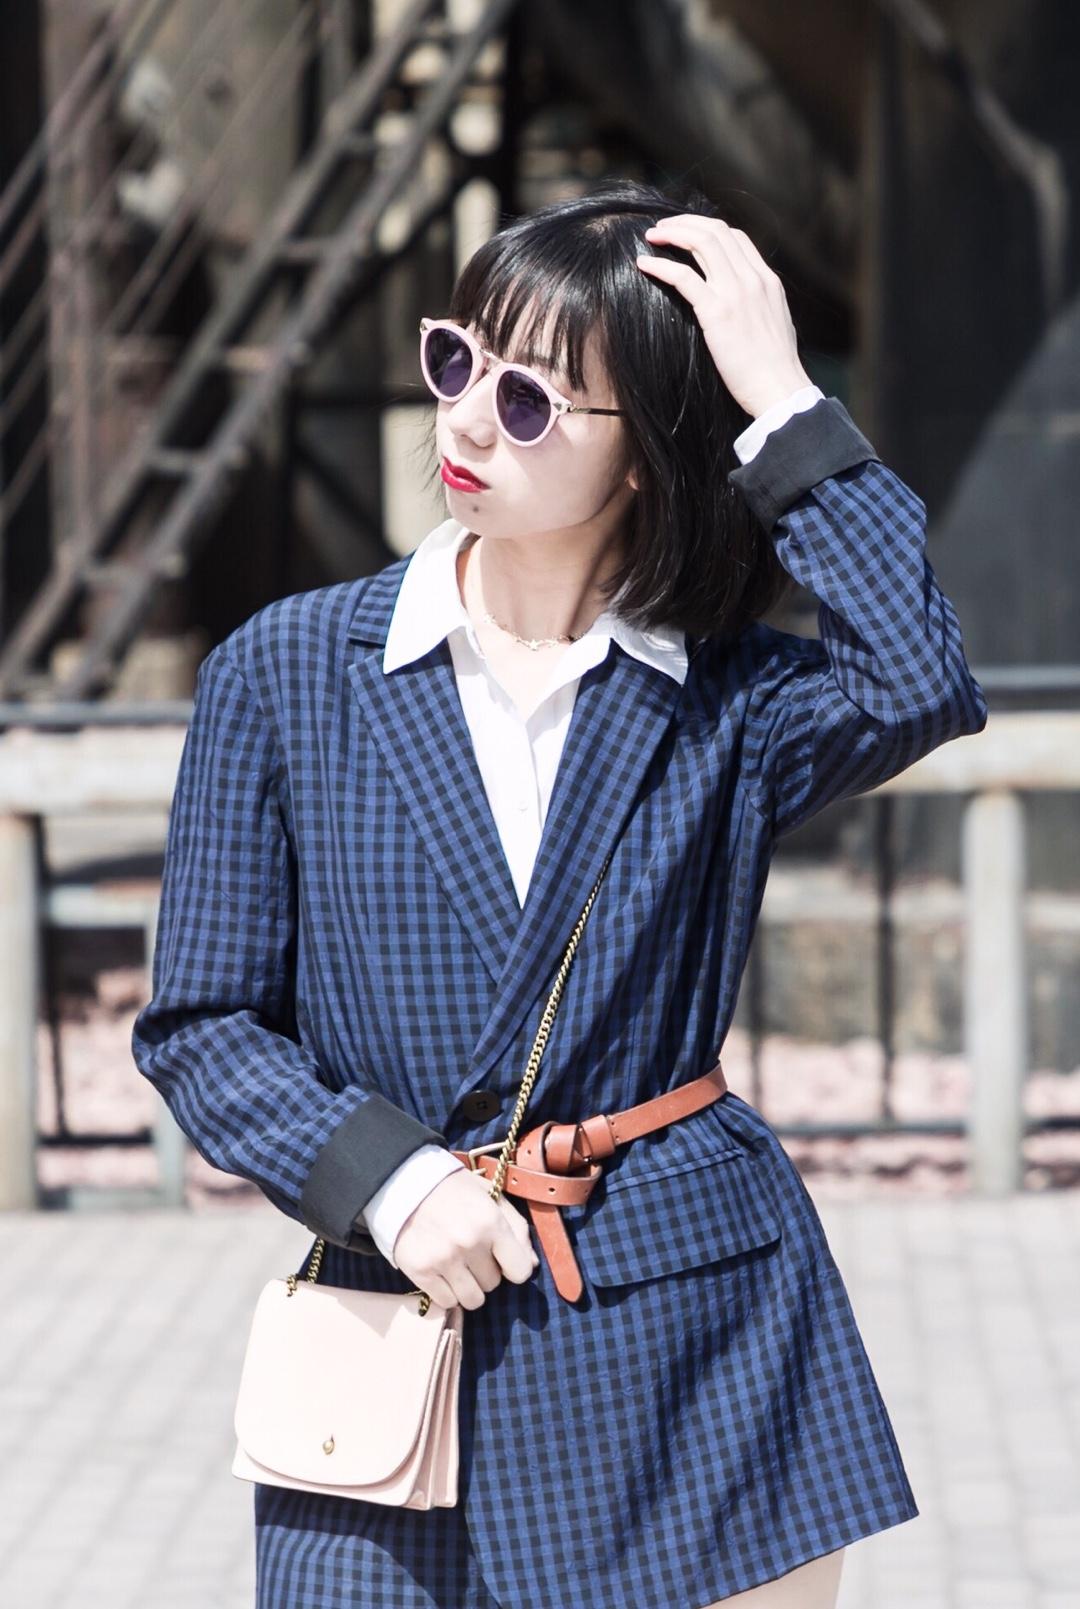 #不出错的连衣裙tip:你收腰了吗#  🌸把oversize的大西装变成连衣裙~ 一本正经的通勤装,用一根细皮带进行收腰,立马变身美美哒连衣裙,新技能get了吗😊 📍西装外套是深蓝色格纹,非常显白~内搭提亮的真丝白衬衫,蓝白色的对比很能提升搭配质感。 配饰搭了真皮的粉色和棕色,小面积撞色也比较有趣~